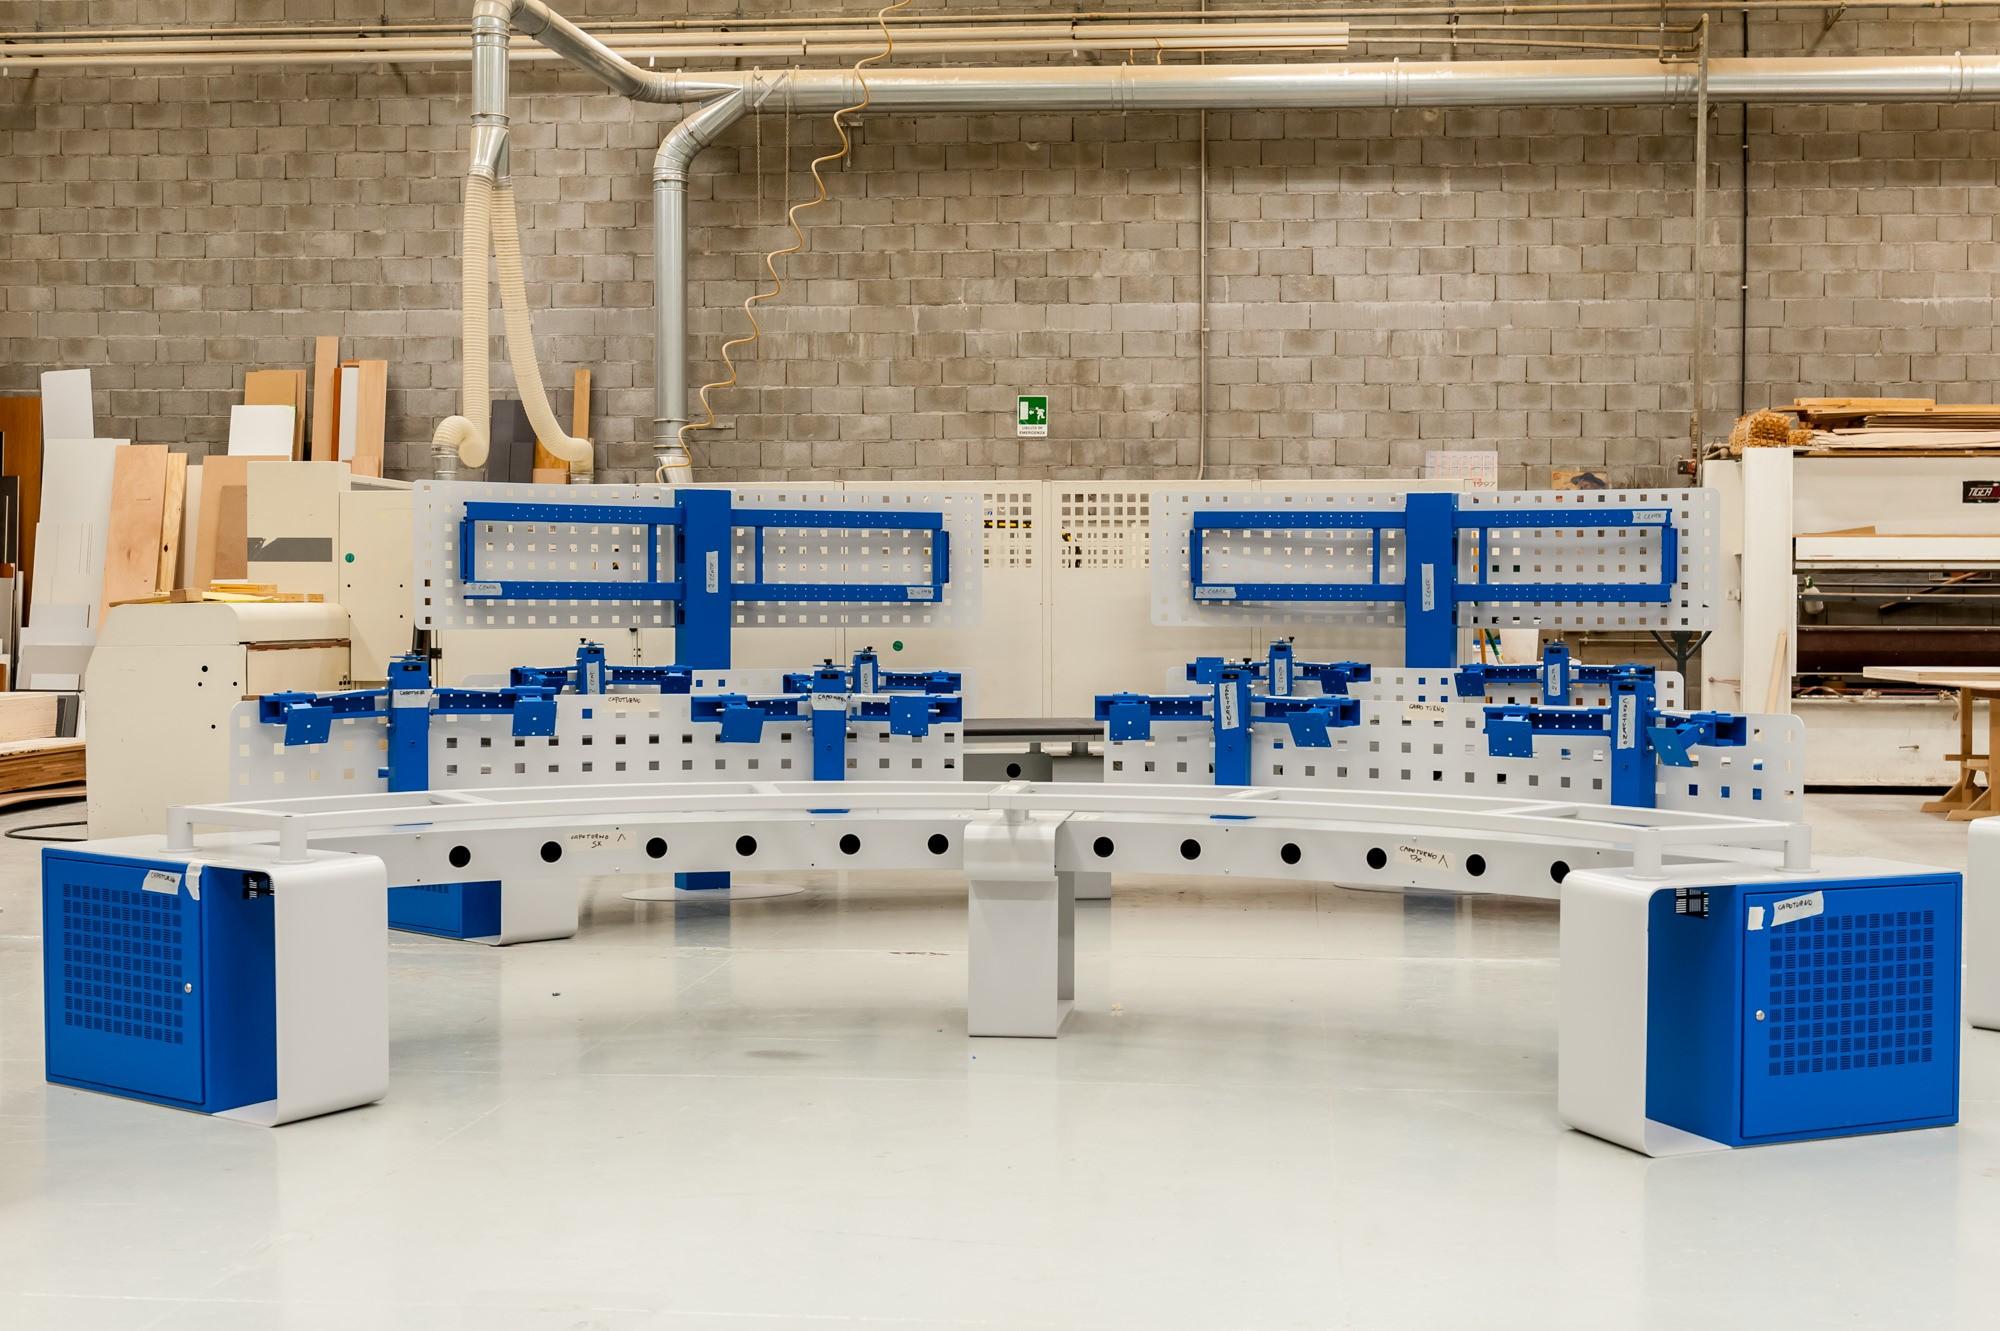 CCT MOBILI, Fotografia industriale